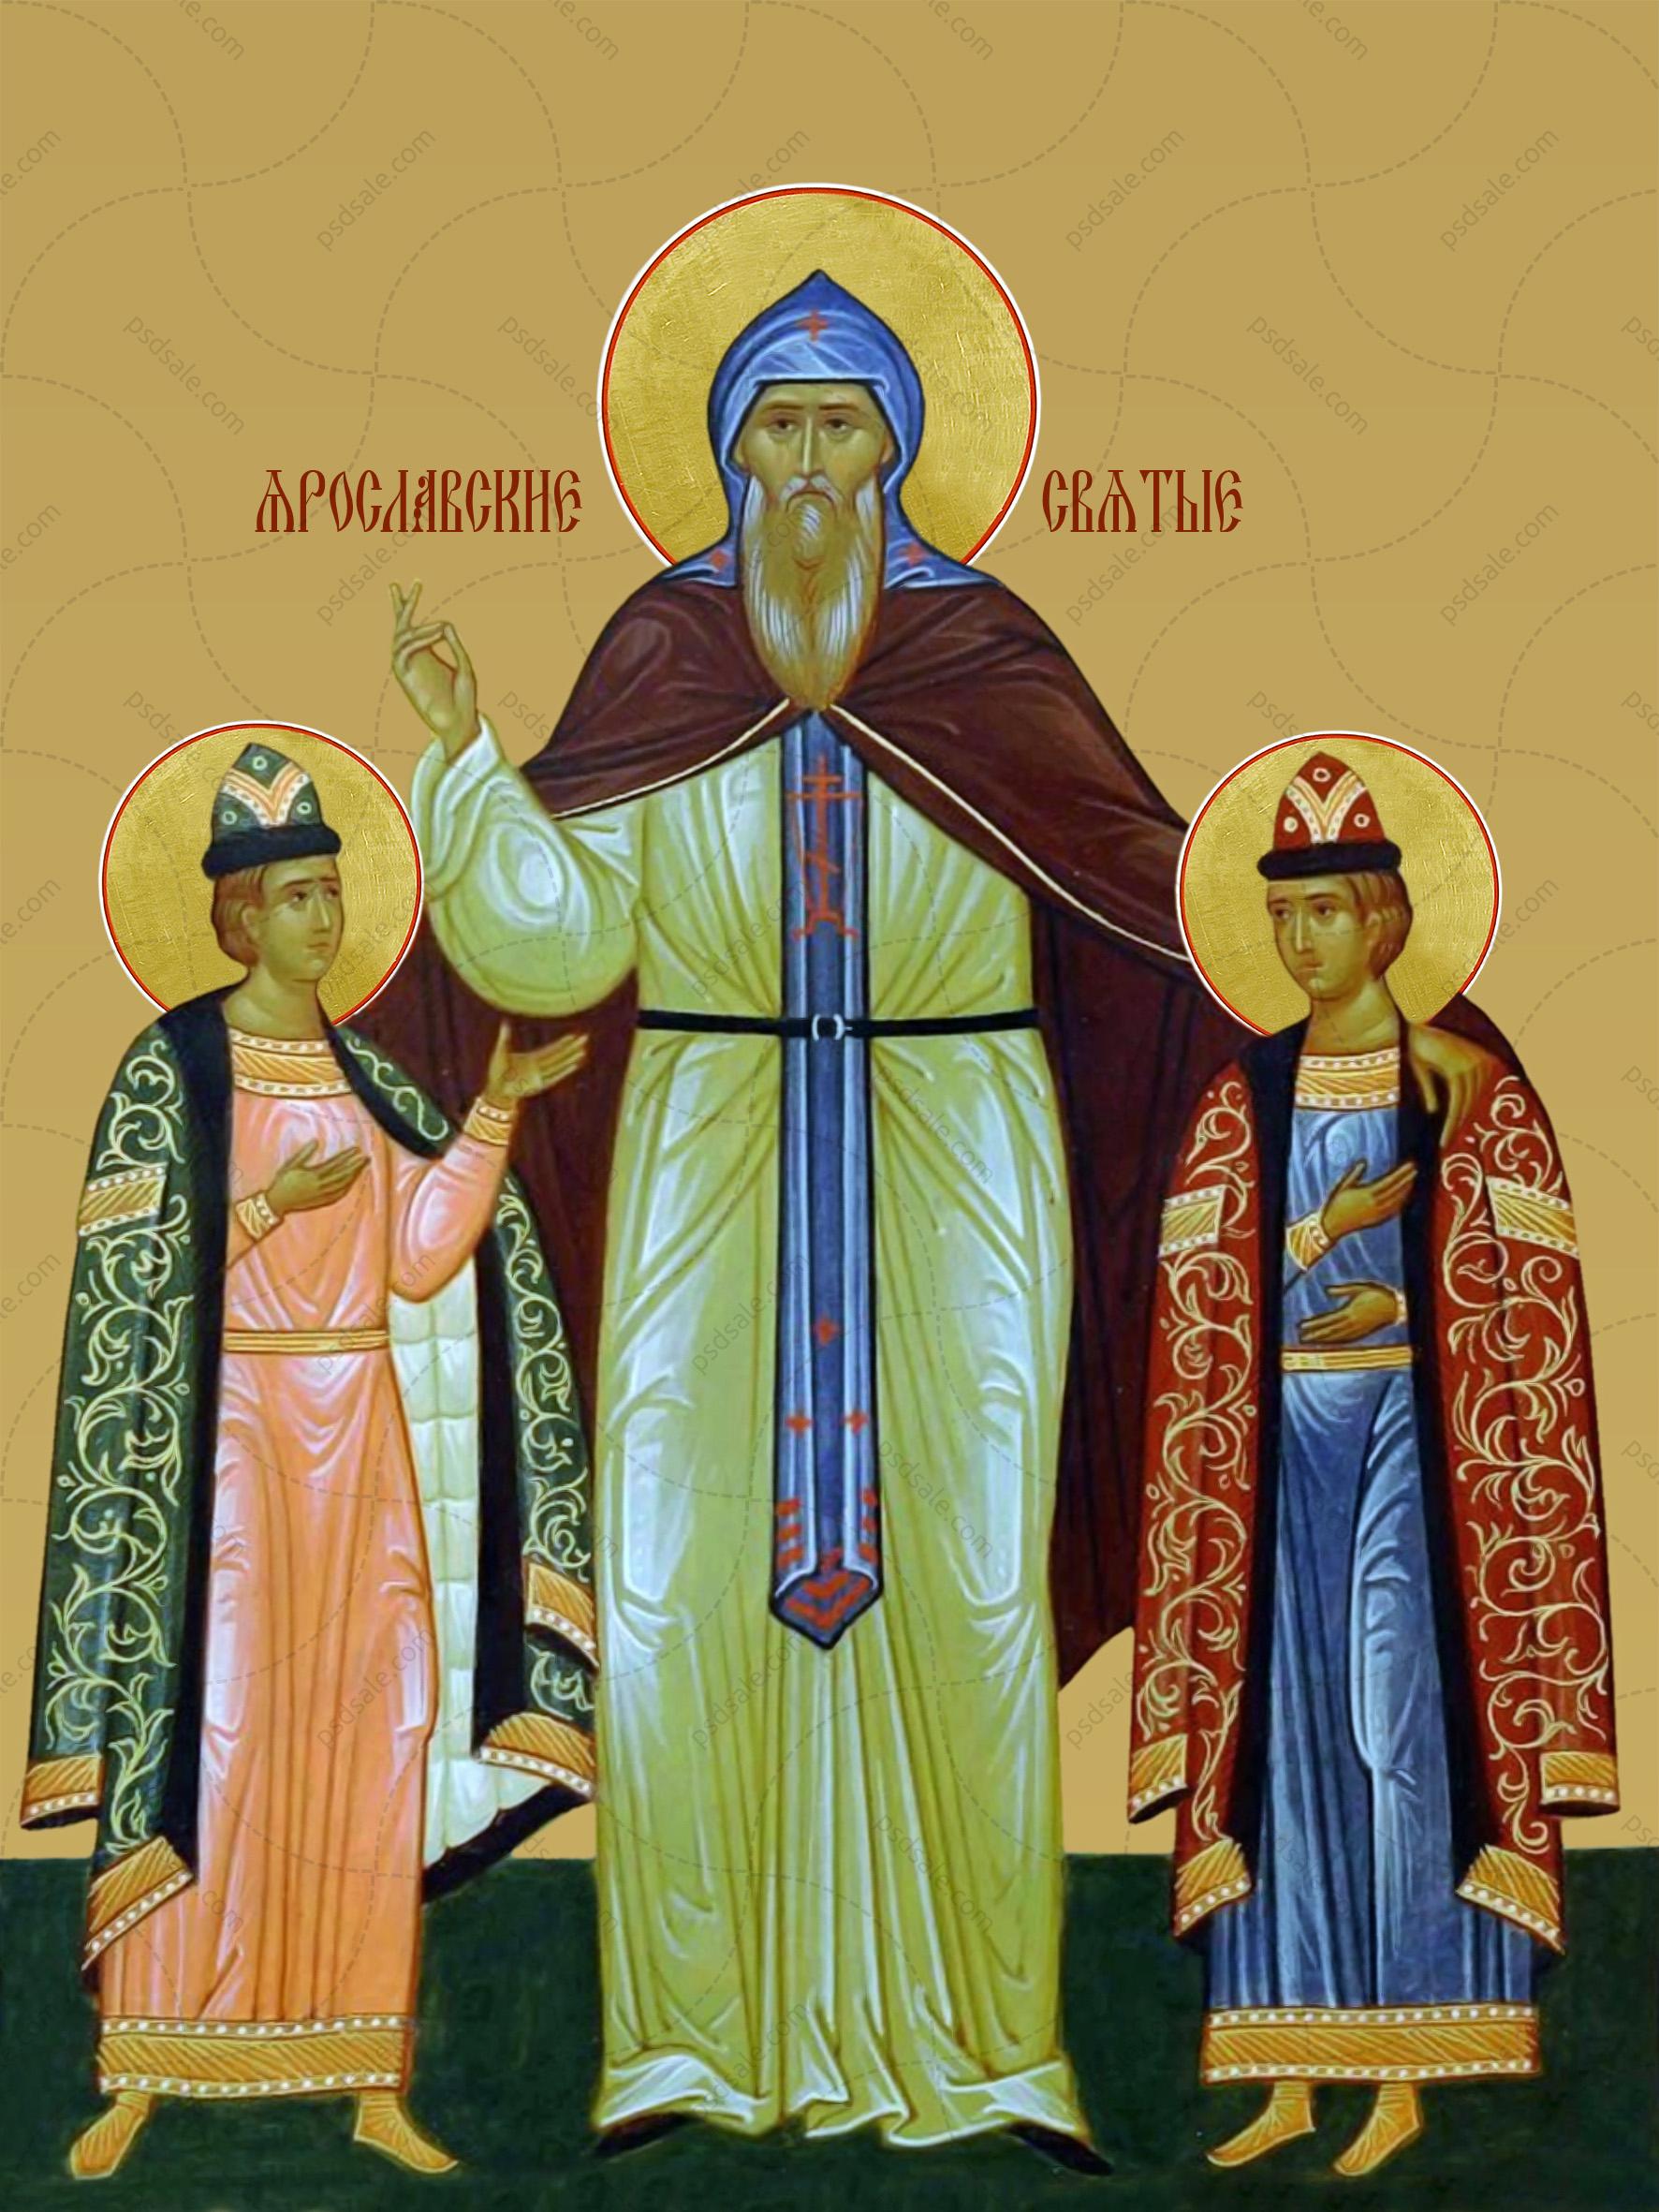 Ярославские святые